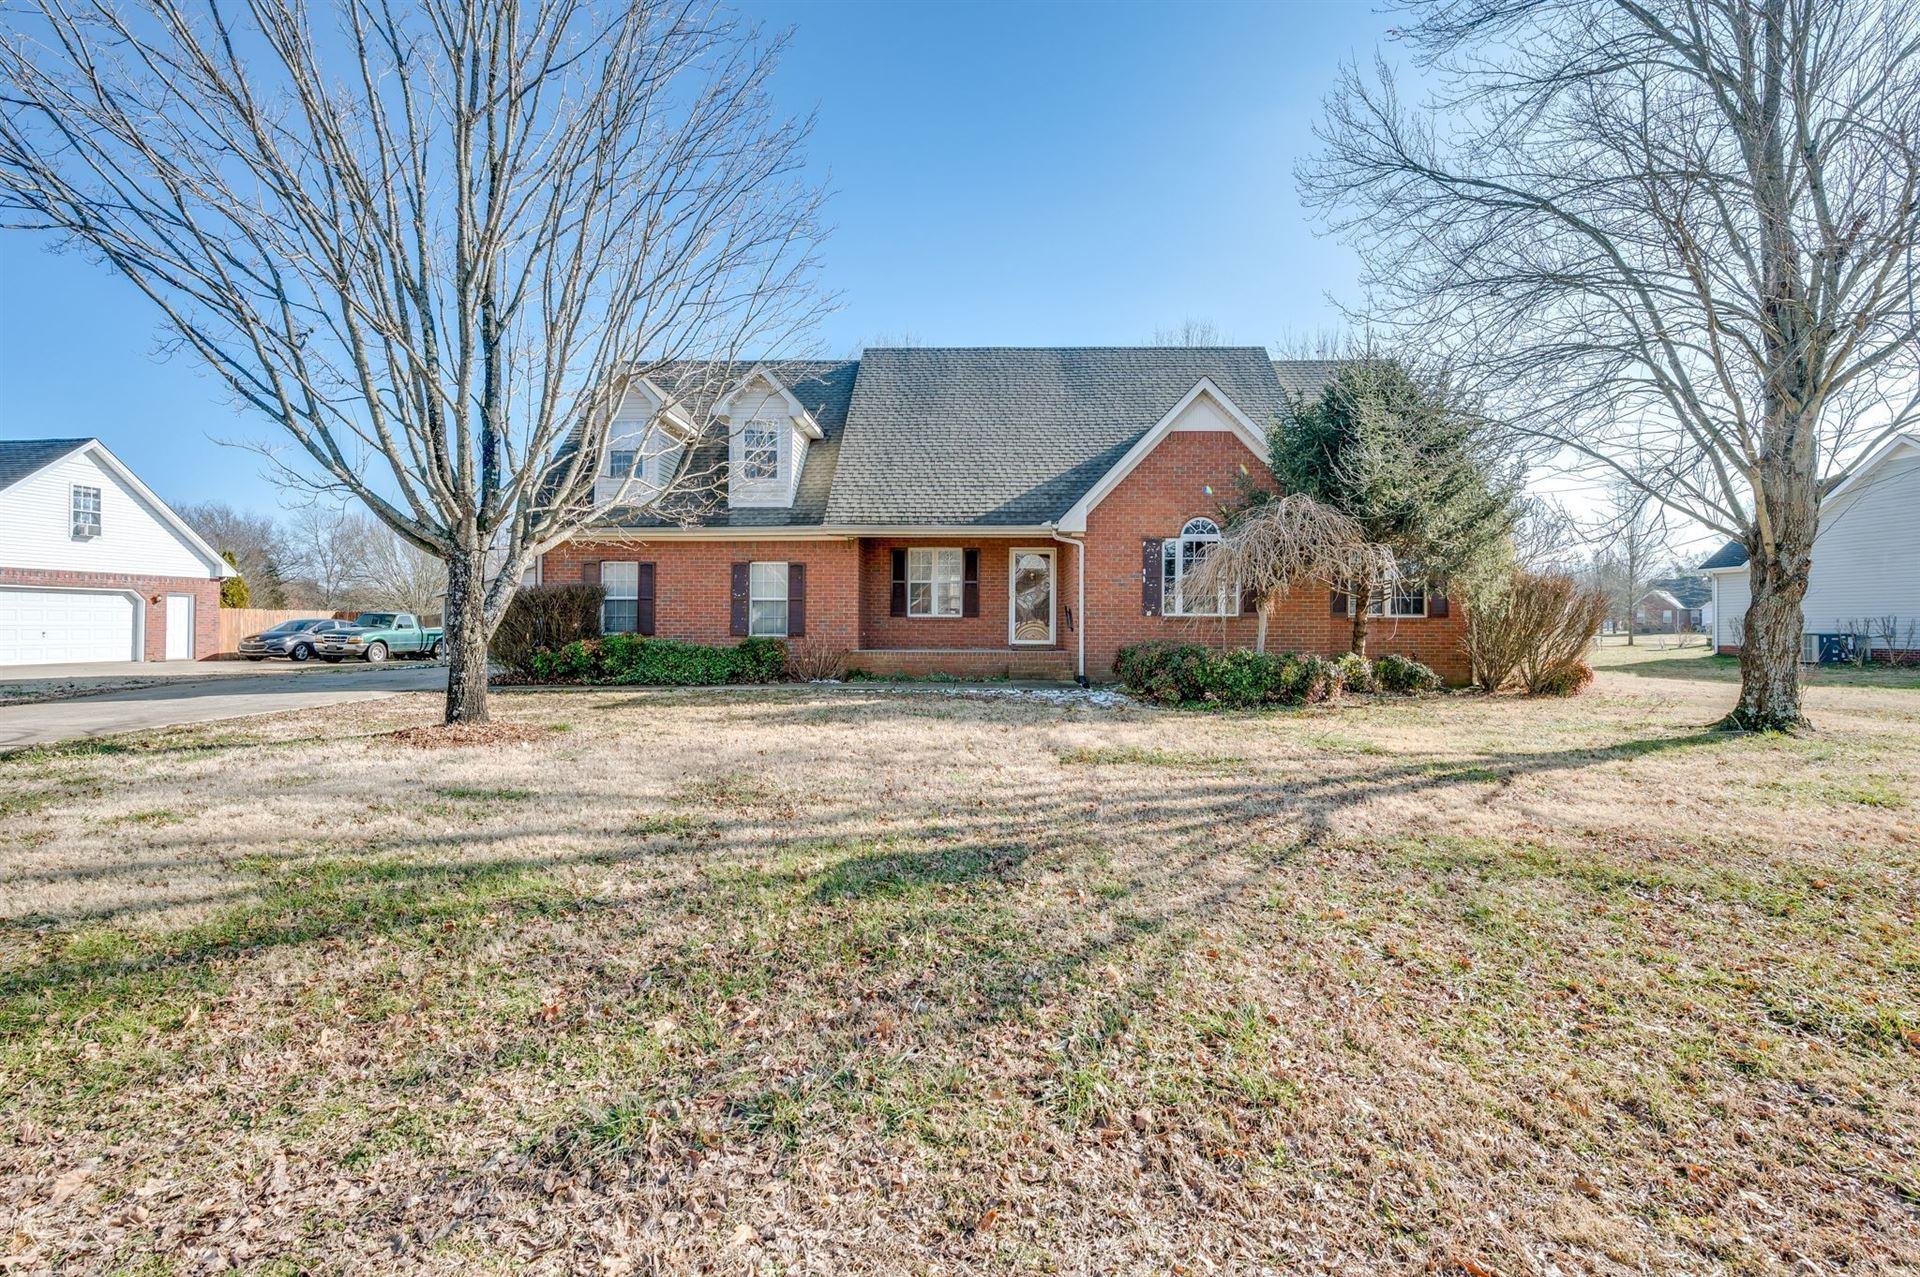 229 Fieldstone Dr, Murfreesboro, TN 37127 - MLS#: 2220236